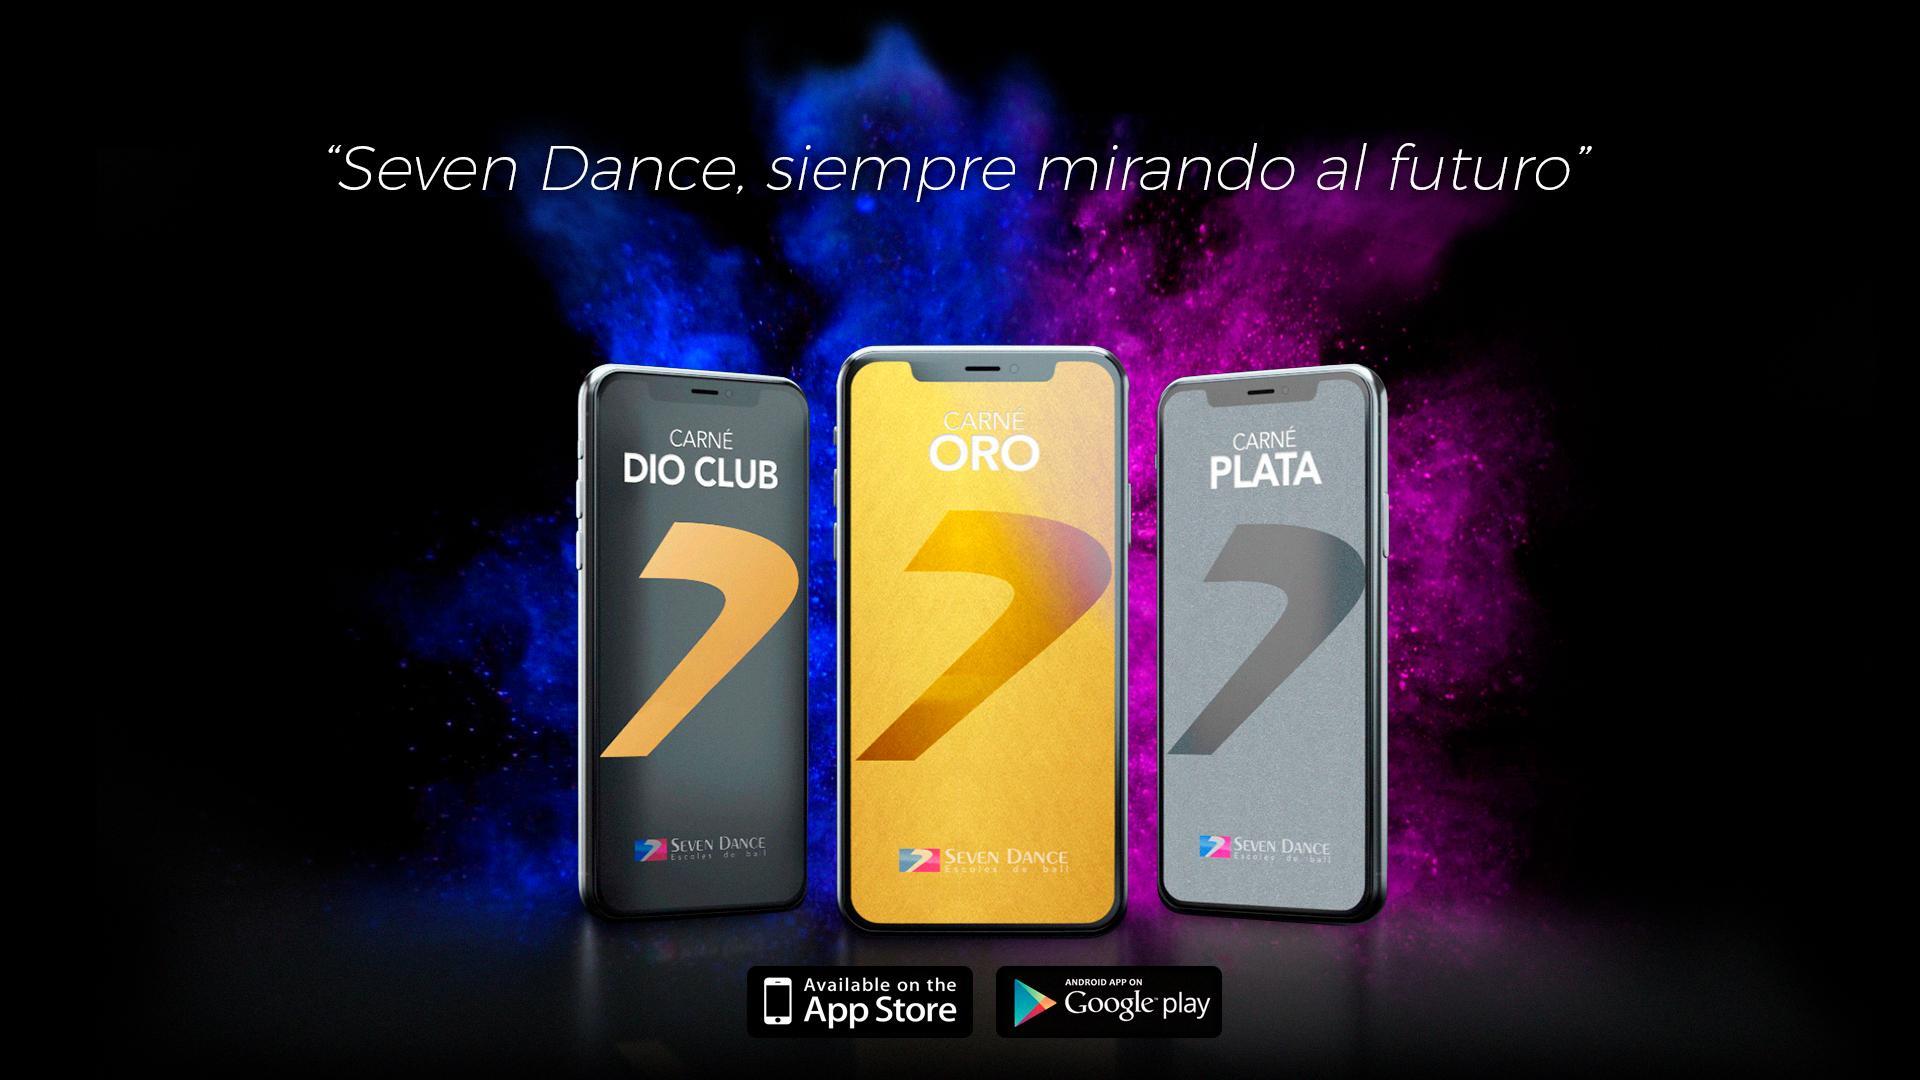 Descarga la app de Seven Dance